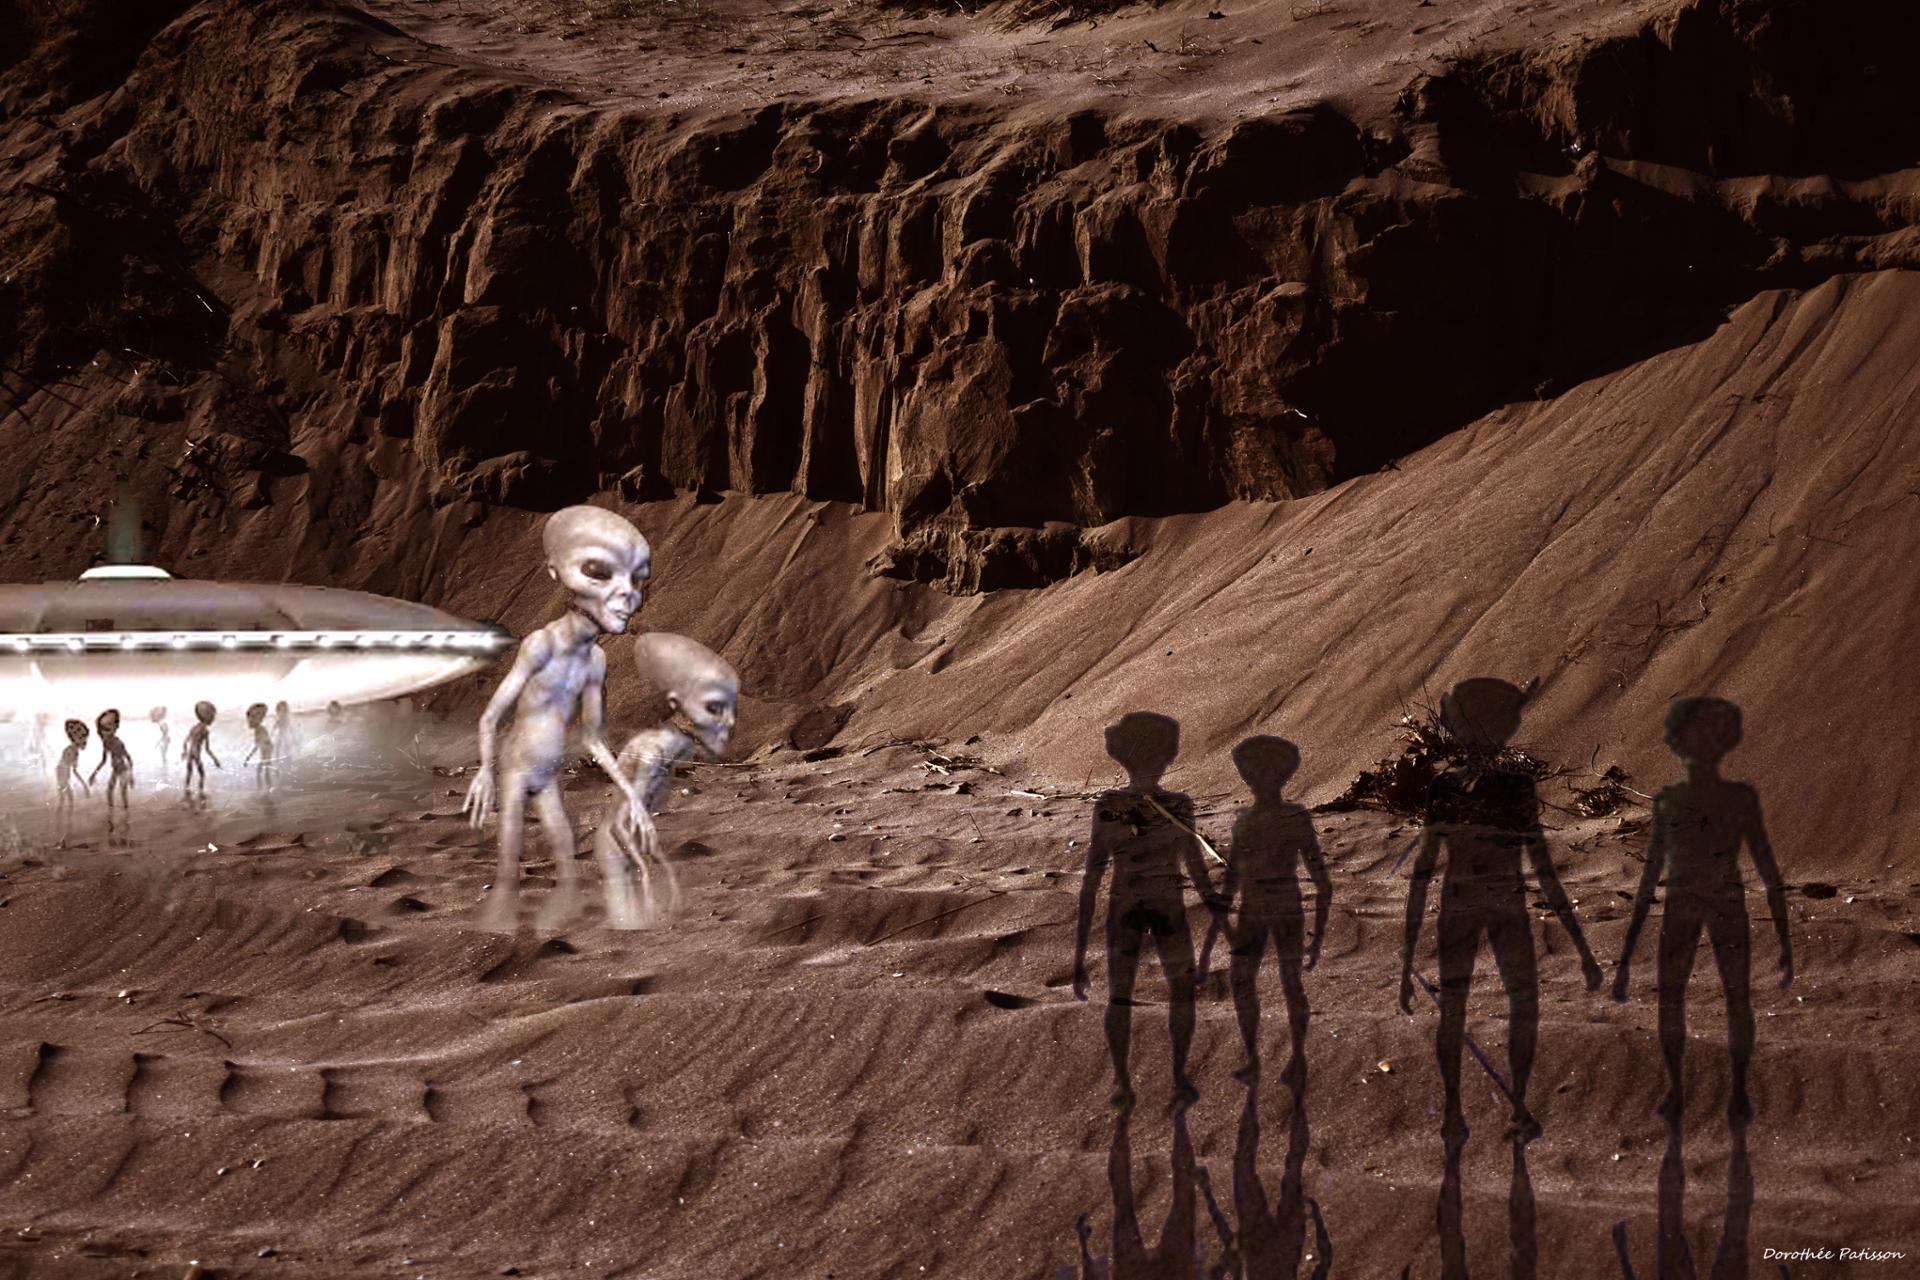 En direct de Mars...